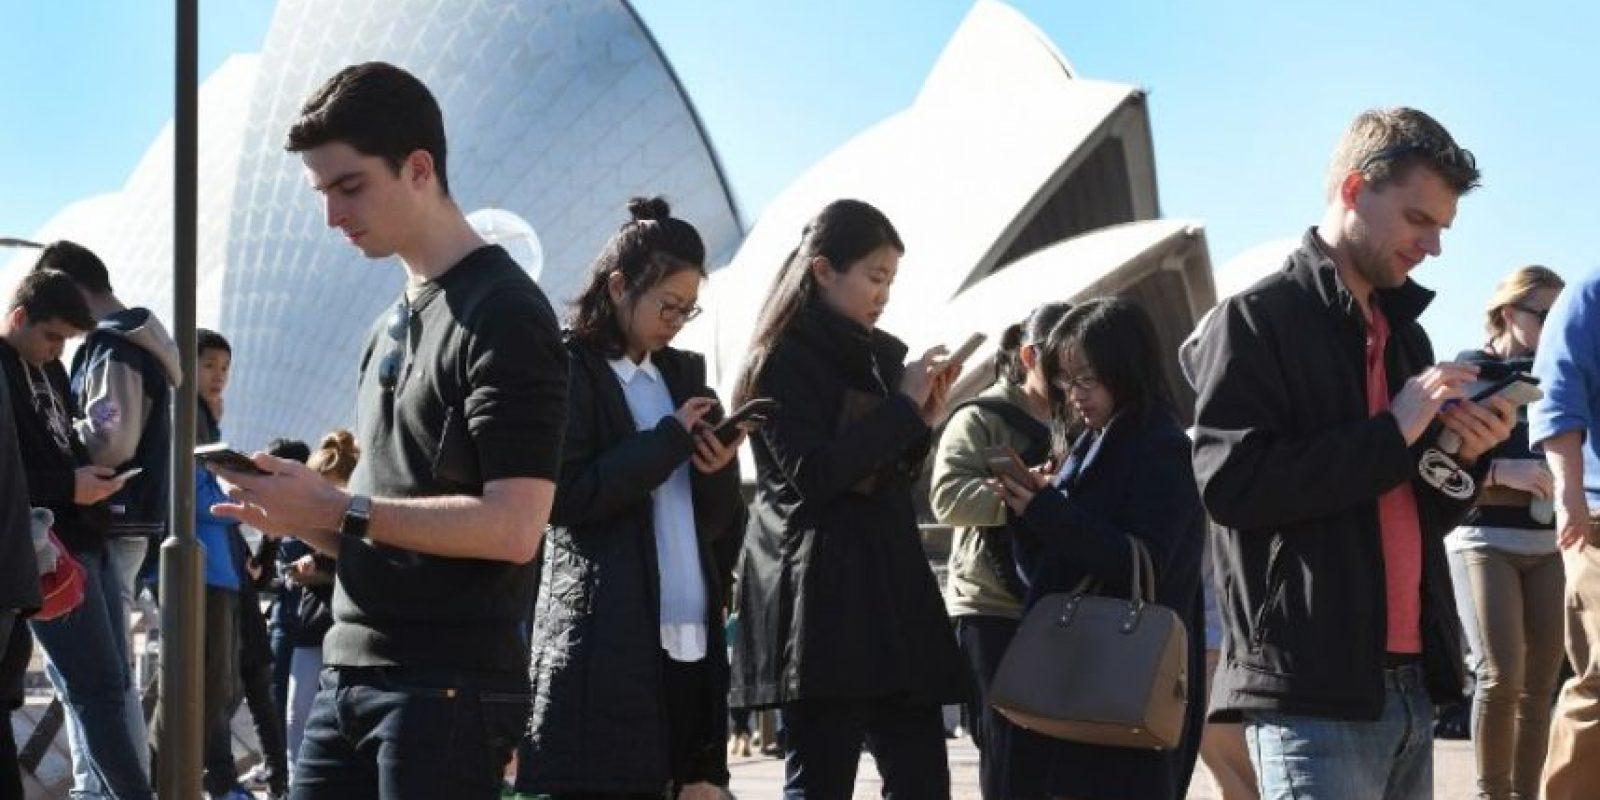 Están jugando en el mundo real, no fijen la mirada solo en su pantalla, atentos a lo que ocurre a su alrededor Foto:Getty Images